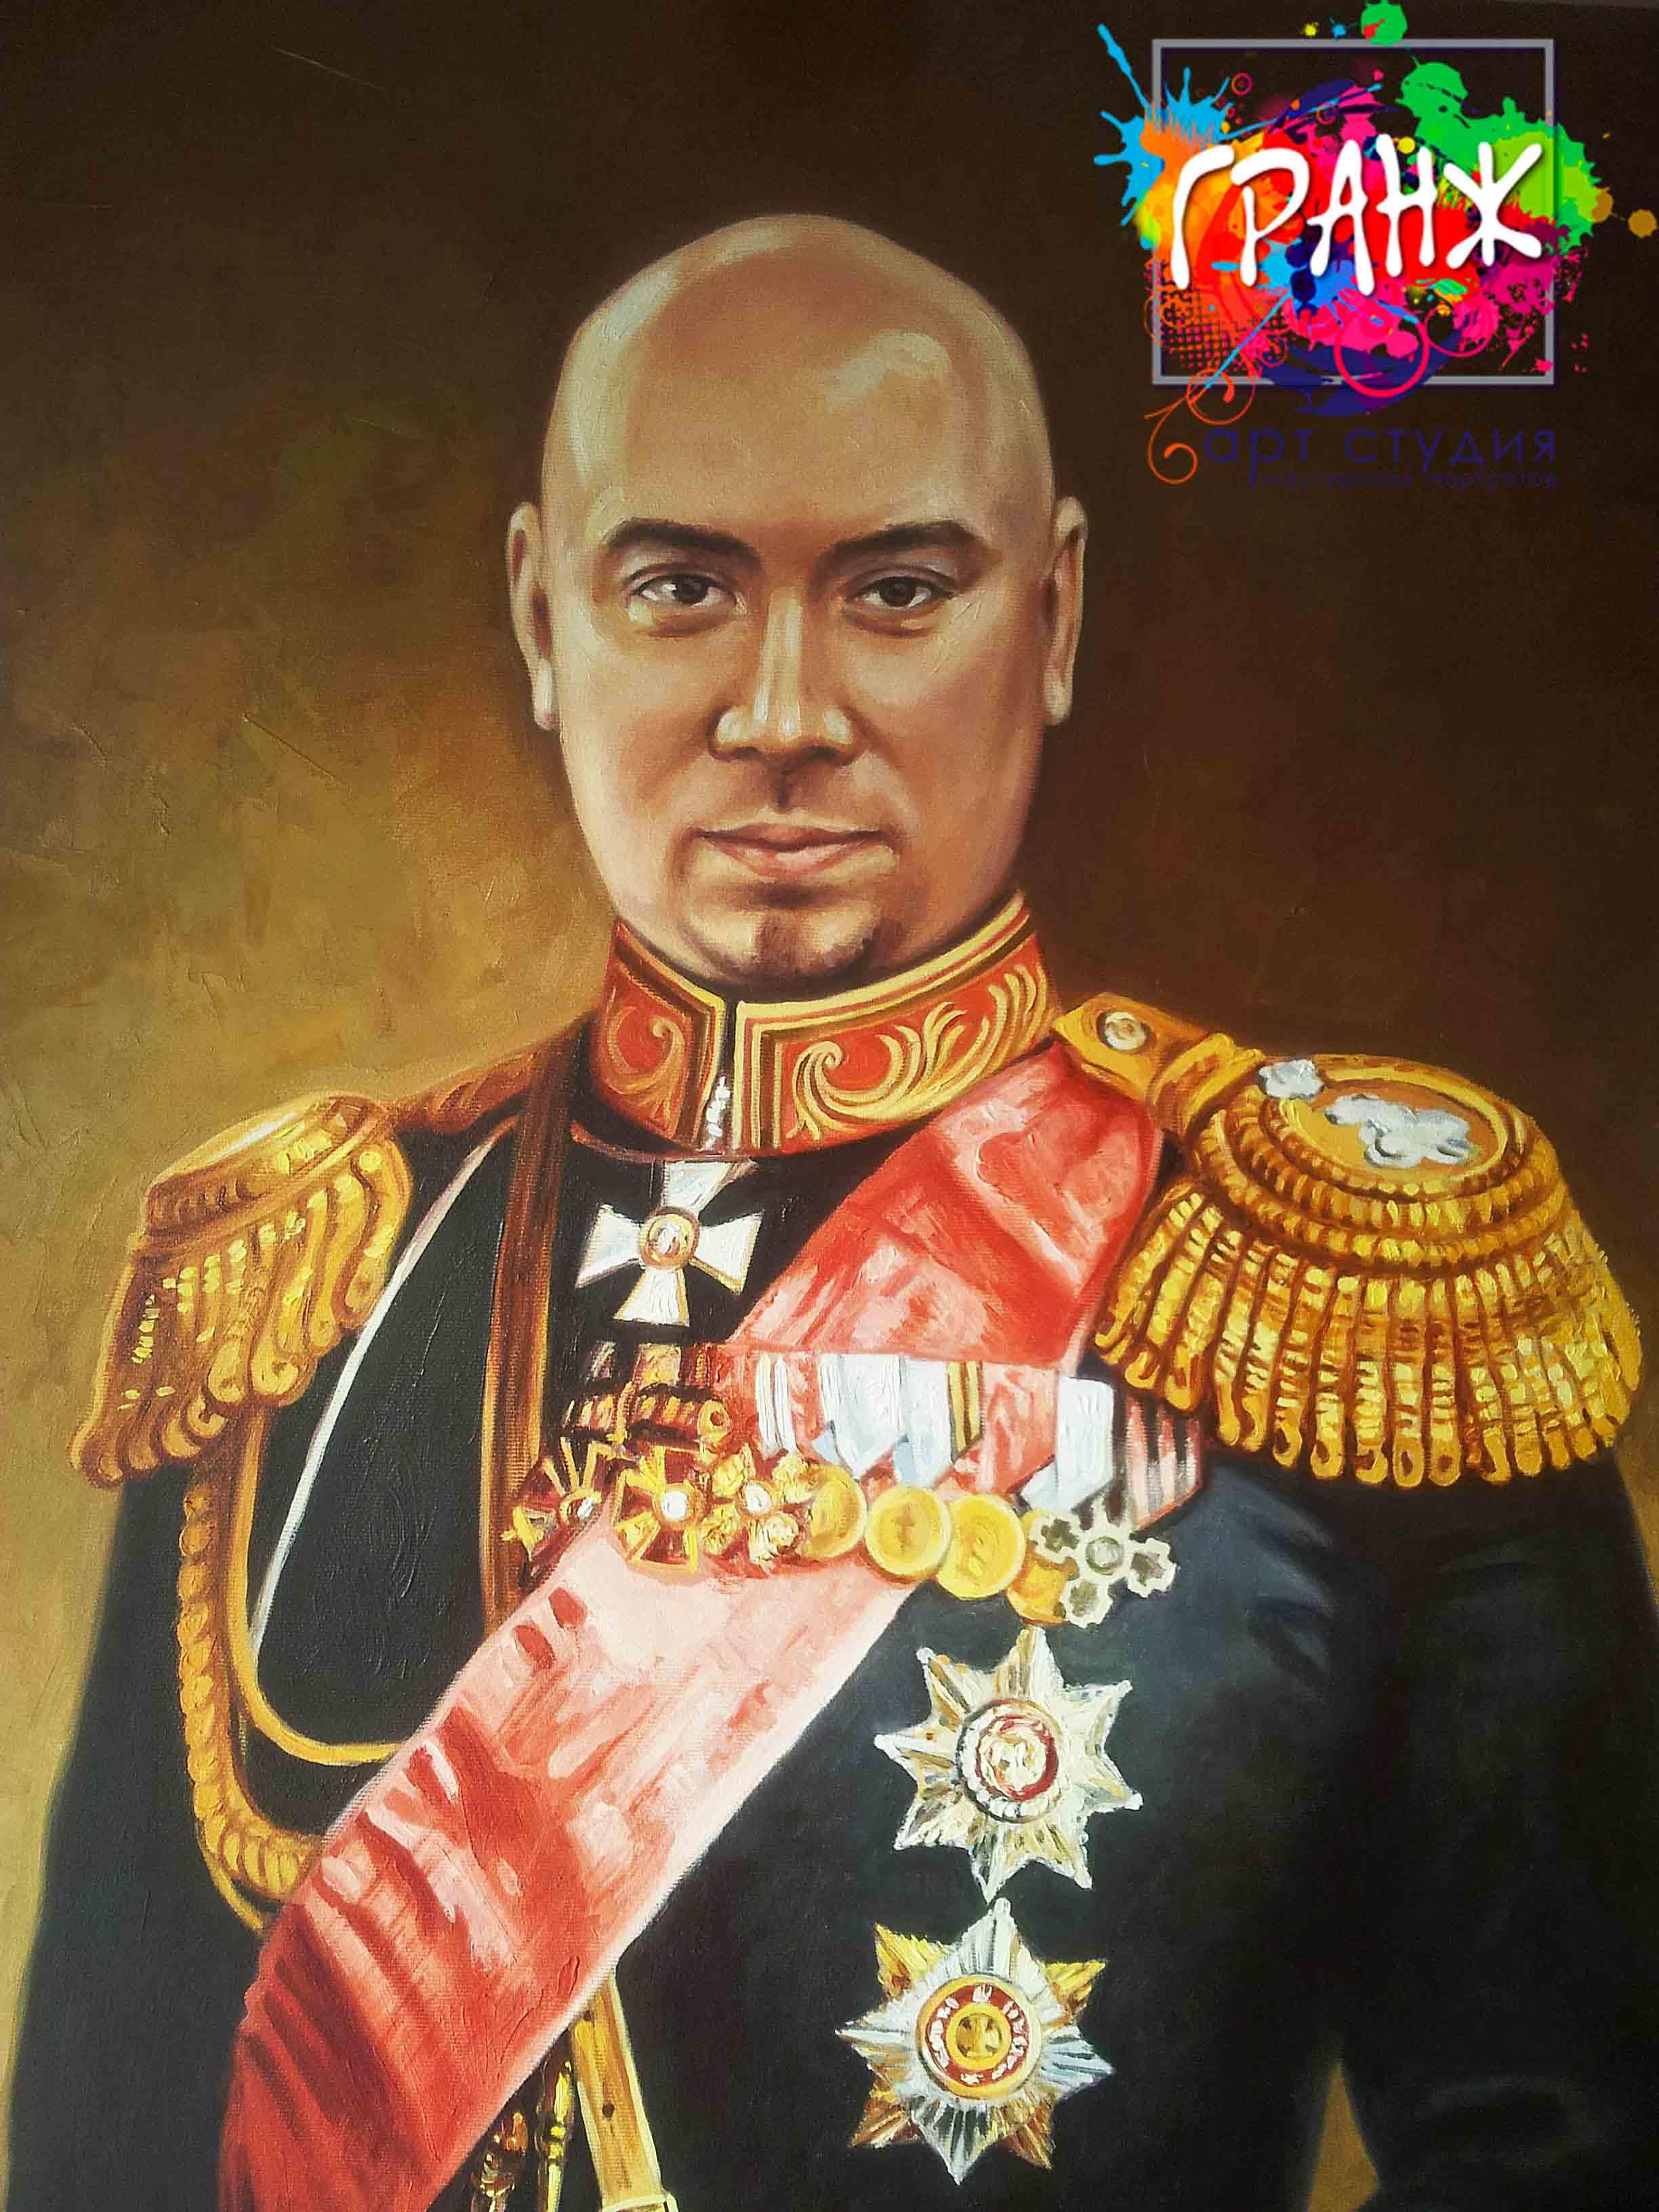 Заказать портрет маслом по фотографии в Санкт-Петербурге